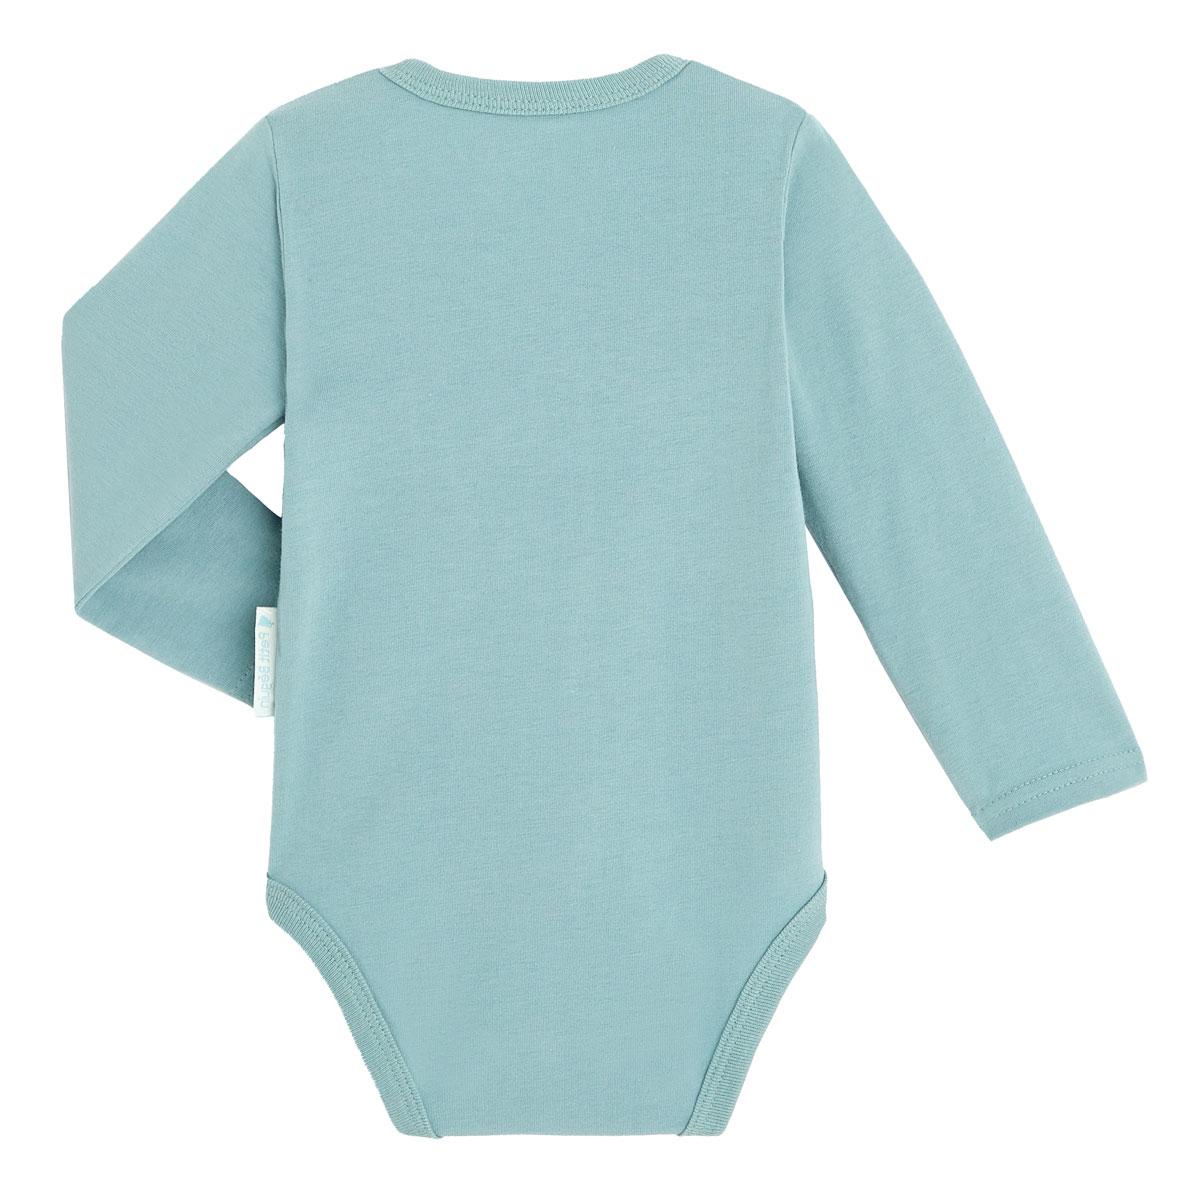 Lot de 2 bodies bébé mixte croisés manches longues contenant du coton bio Bonheur du matin 1 dos